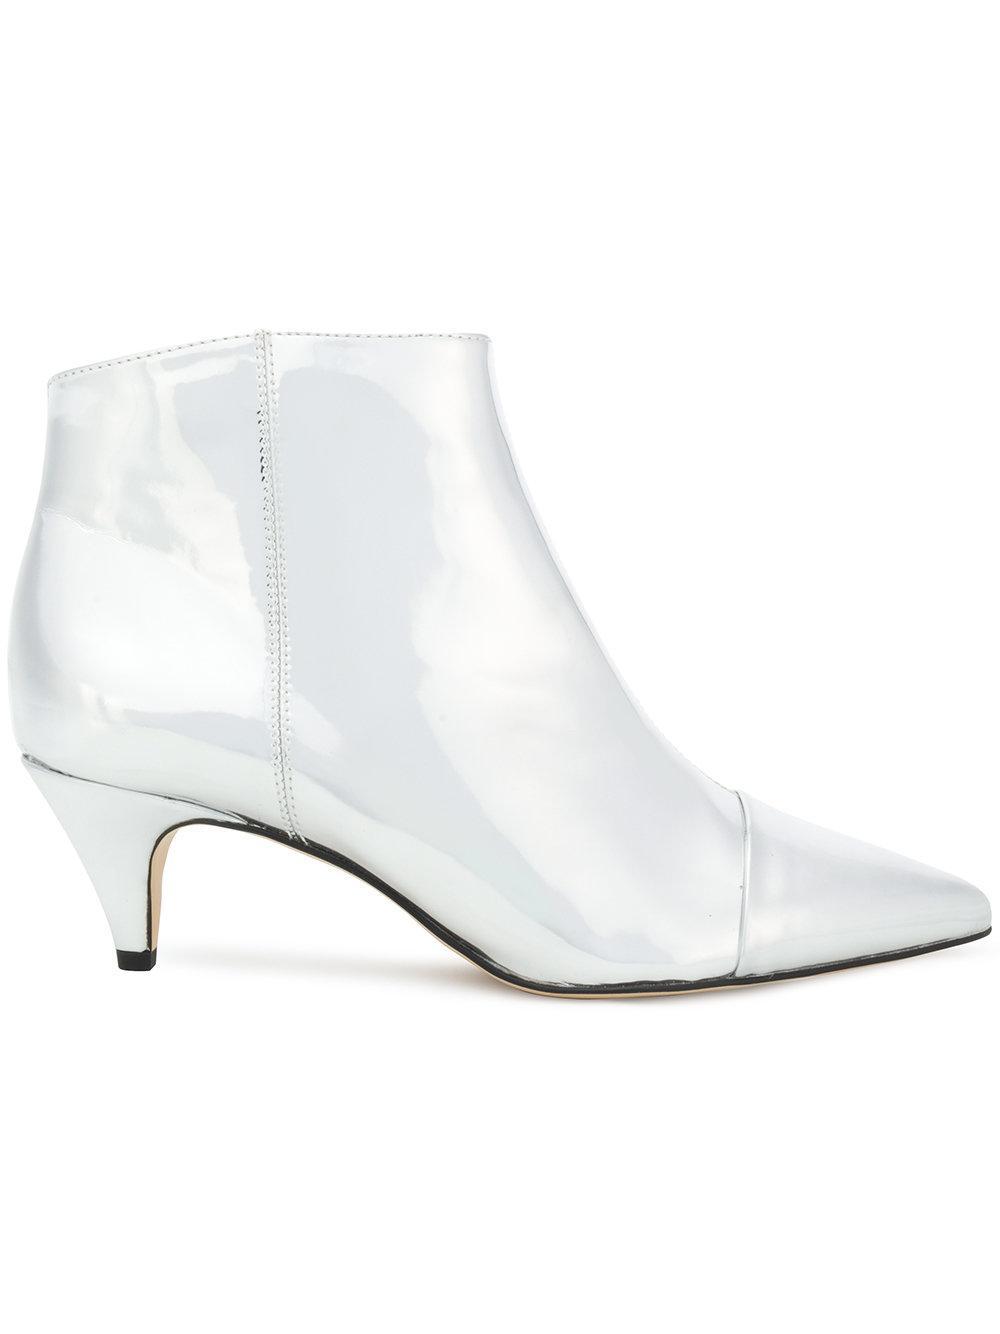 cfde6ec9a89b Sam Edelman Kinzey Ankle Boots - Grey